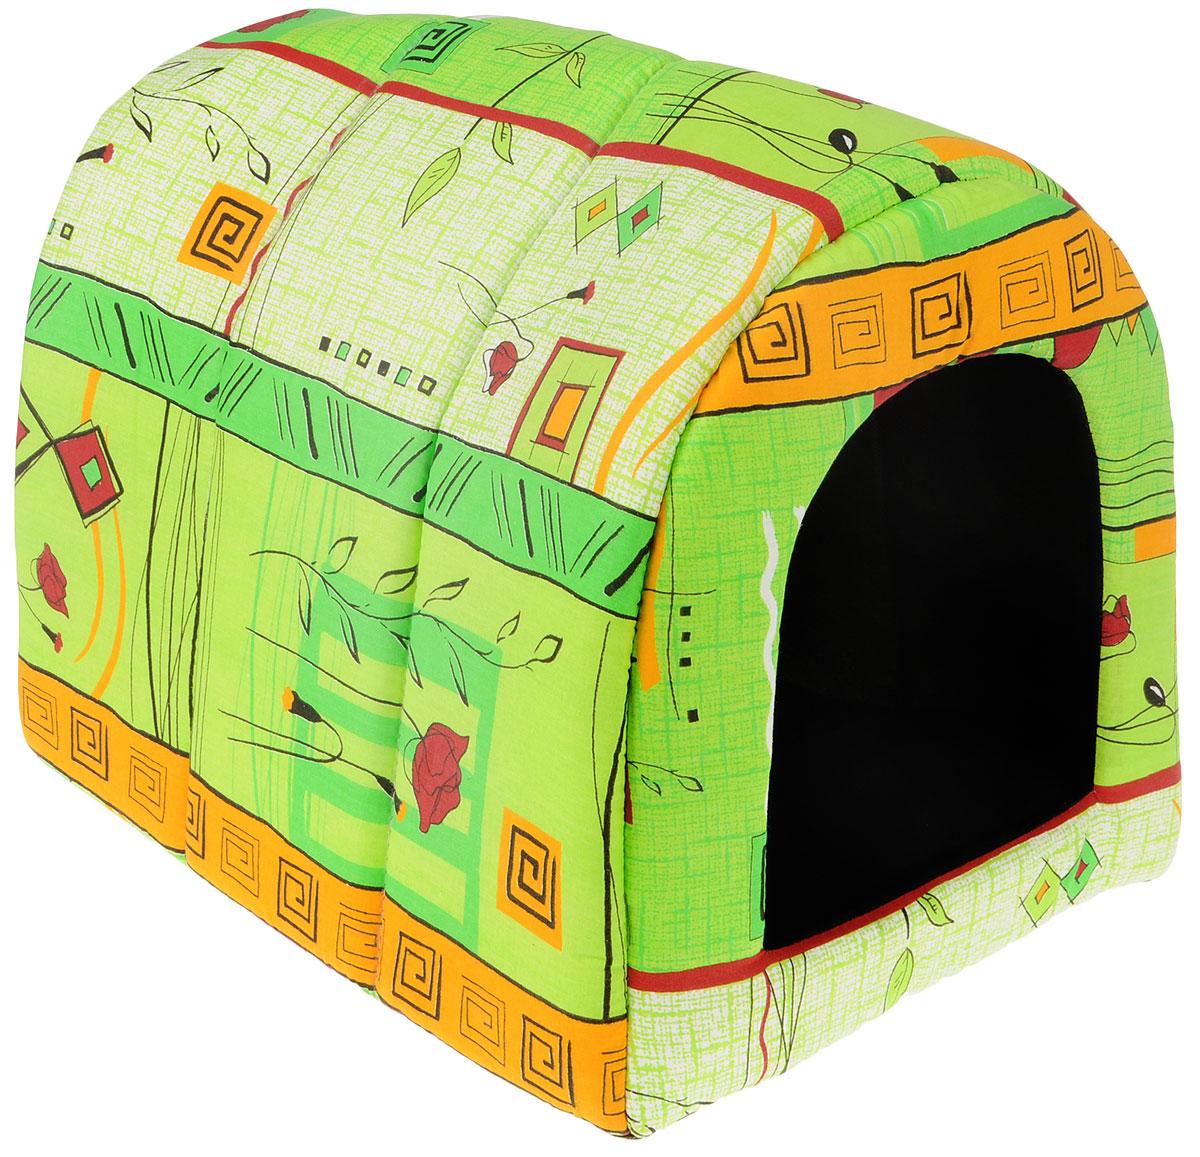 Домик для животных Elite Valley Норка, цвет: зеленый, оранжевый, 48 х 38 х 38 см. Л10/4Л-13/1_синий, розовыйДомик Elite Valley Норка непременно станет любимым местом отдыха вашего домашнего животного. Изделие выполнено из бязи и нетканого материала, а наполнитель - из поролона. Такой материал не теряет своей формы долгое время. Внутри имеется мягкая съемная подстилка.В таком домике вашему любимцу будет мягко и тепло. Он подарит вашему питомцу ощущение уюта и уединенности, а также возможность спрятаться.